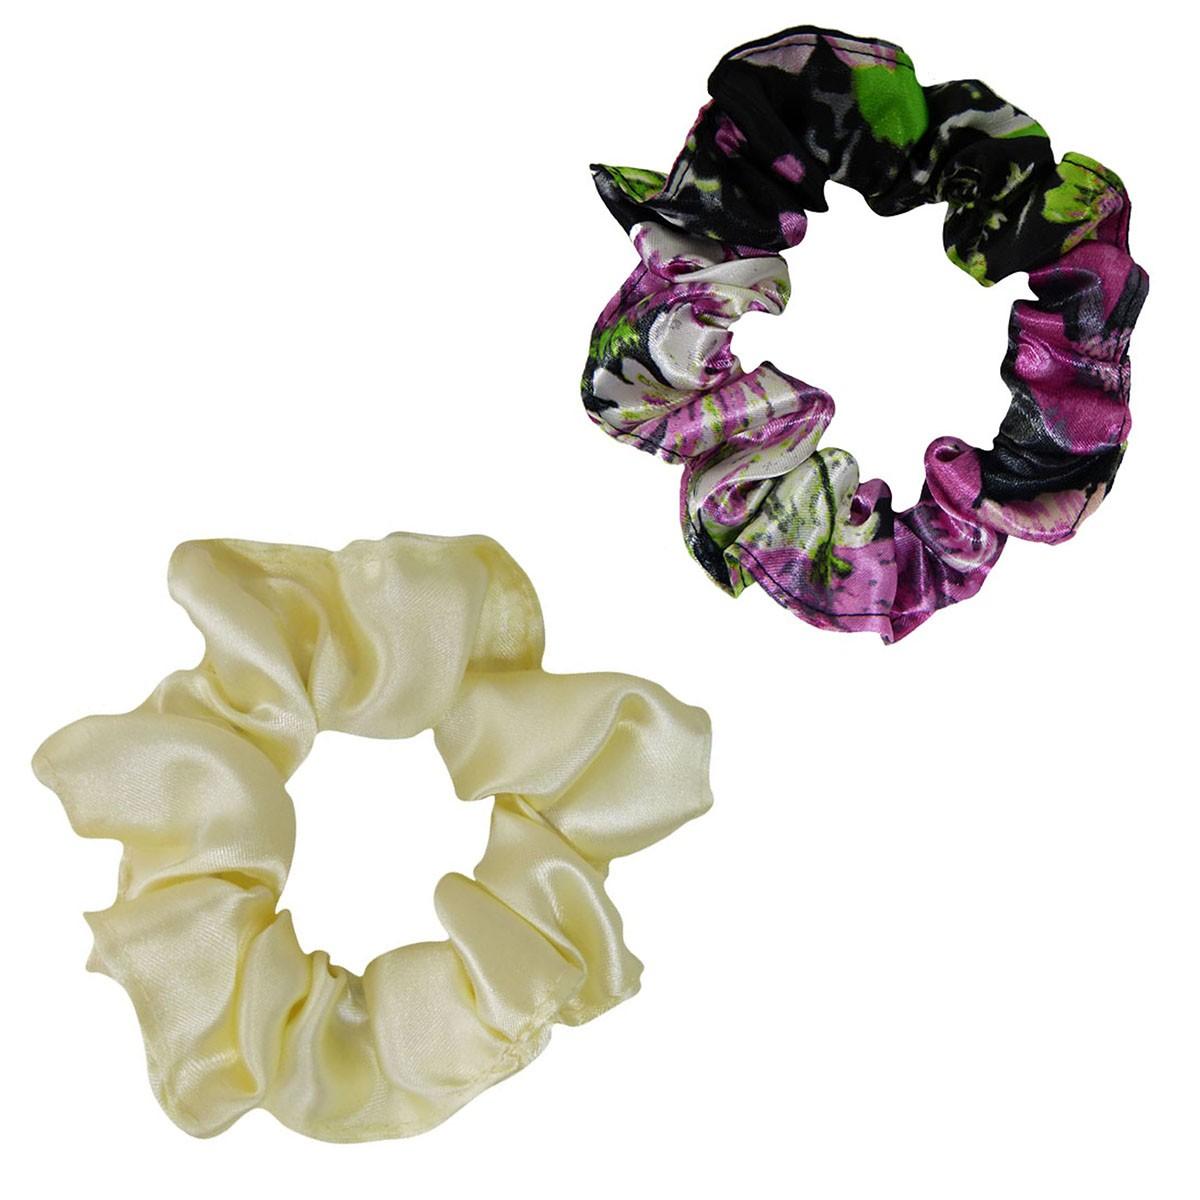 Kit Xuxinhas - Rosa Floral e Creme - Anti Frizz